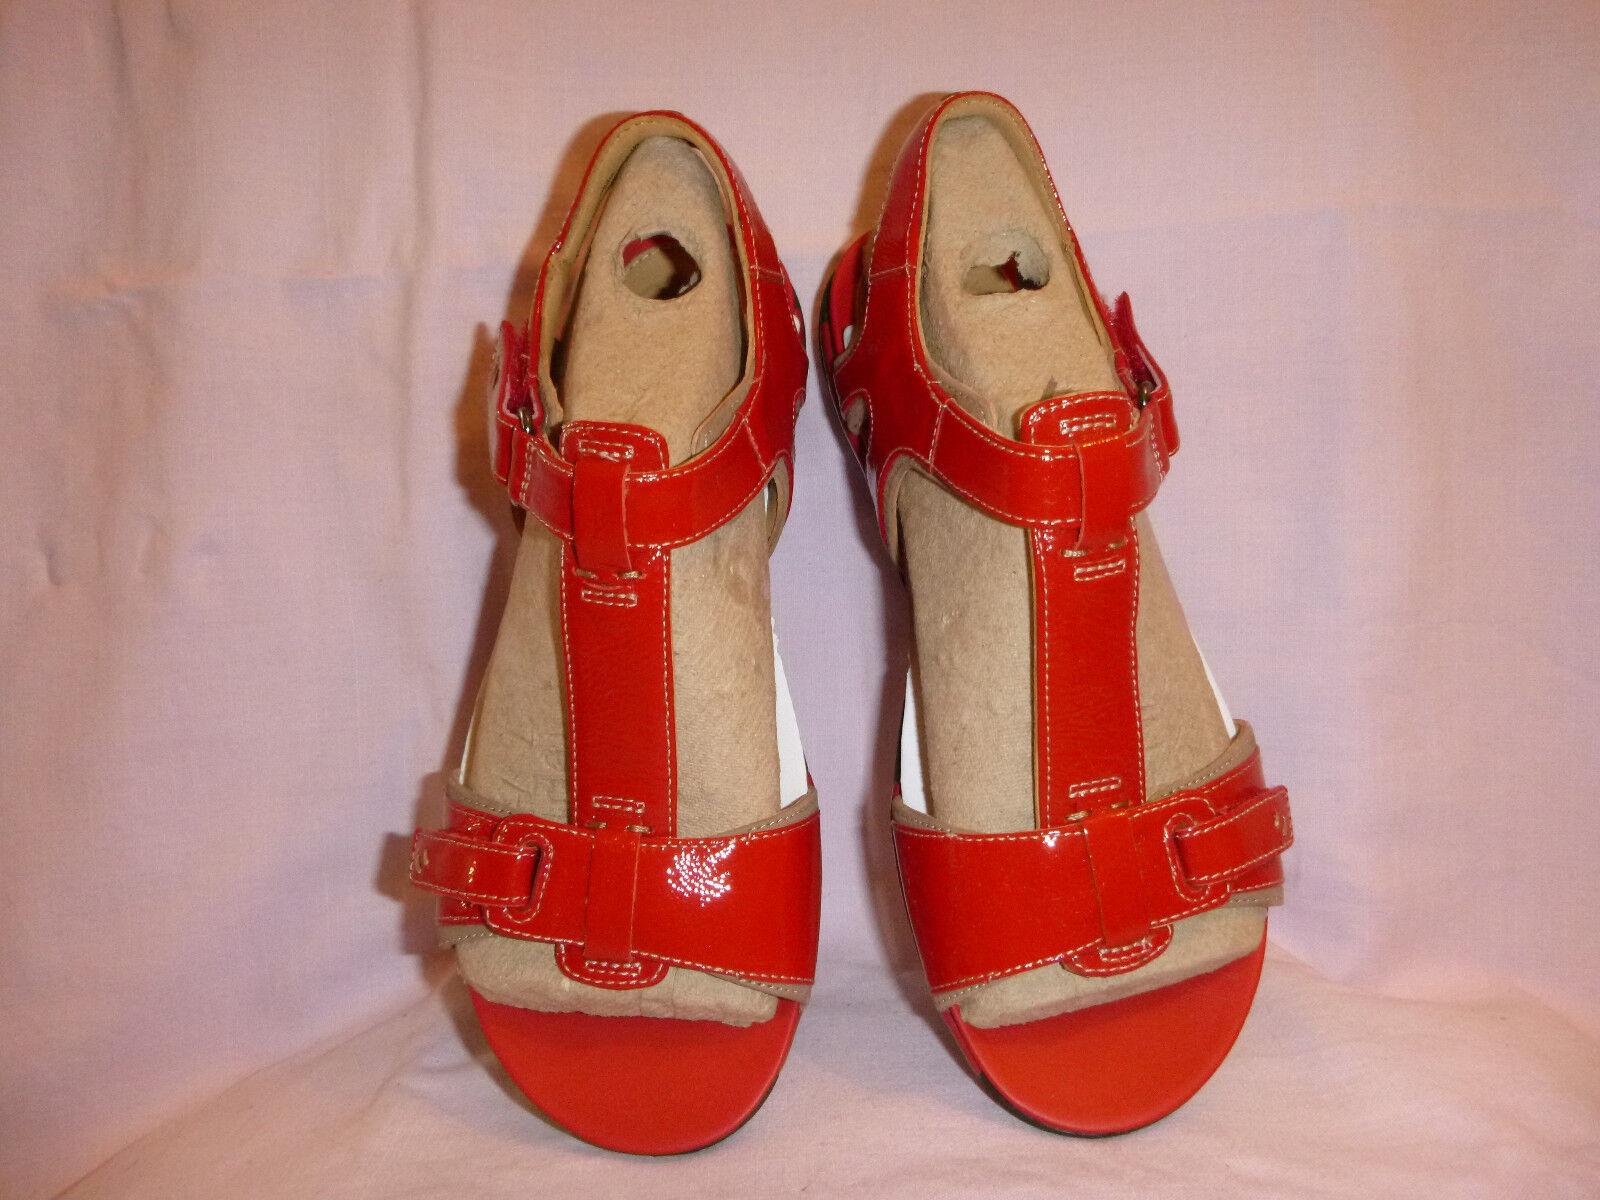 NEU  Clarks- rote Sandale Lack-Leder Gr.4(37) Abs-3(1,5)